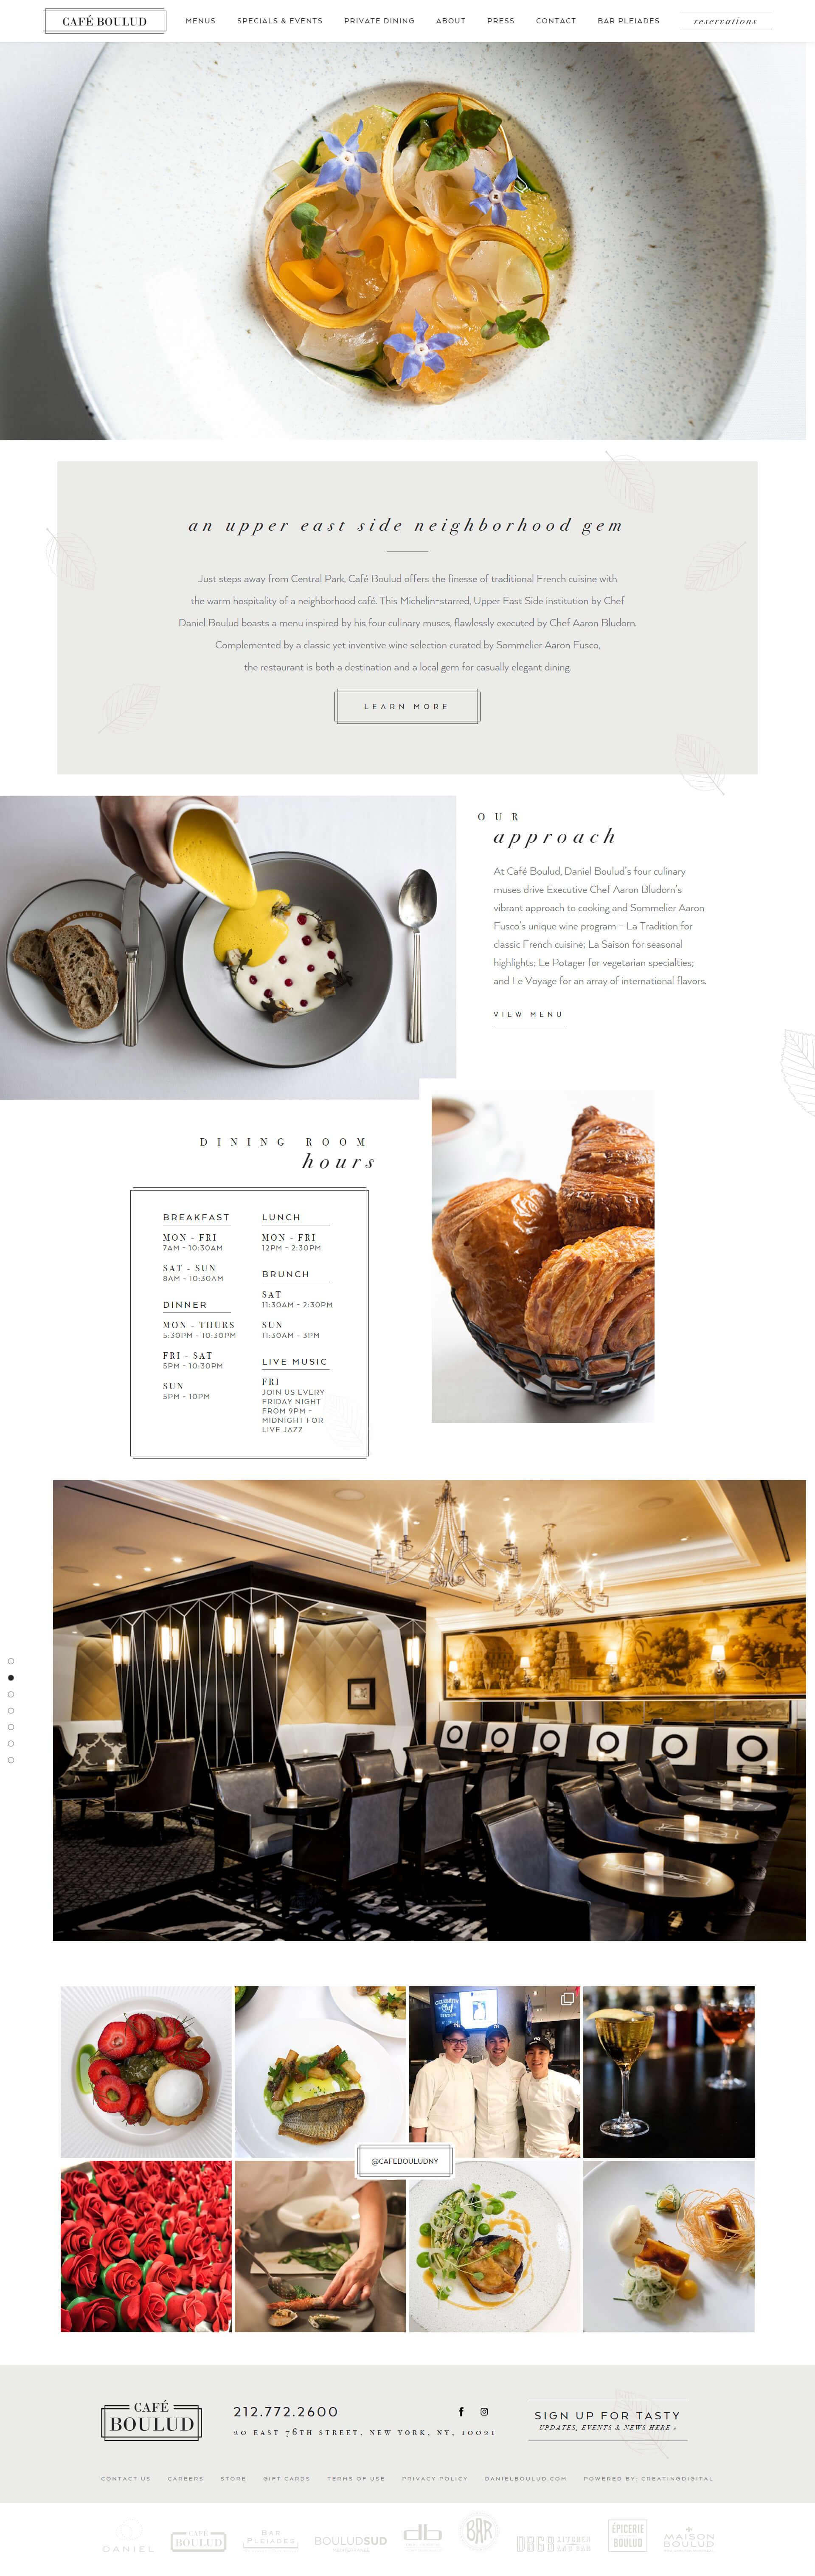 CafeBoulud.com